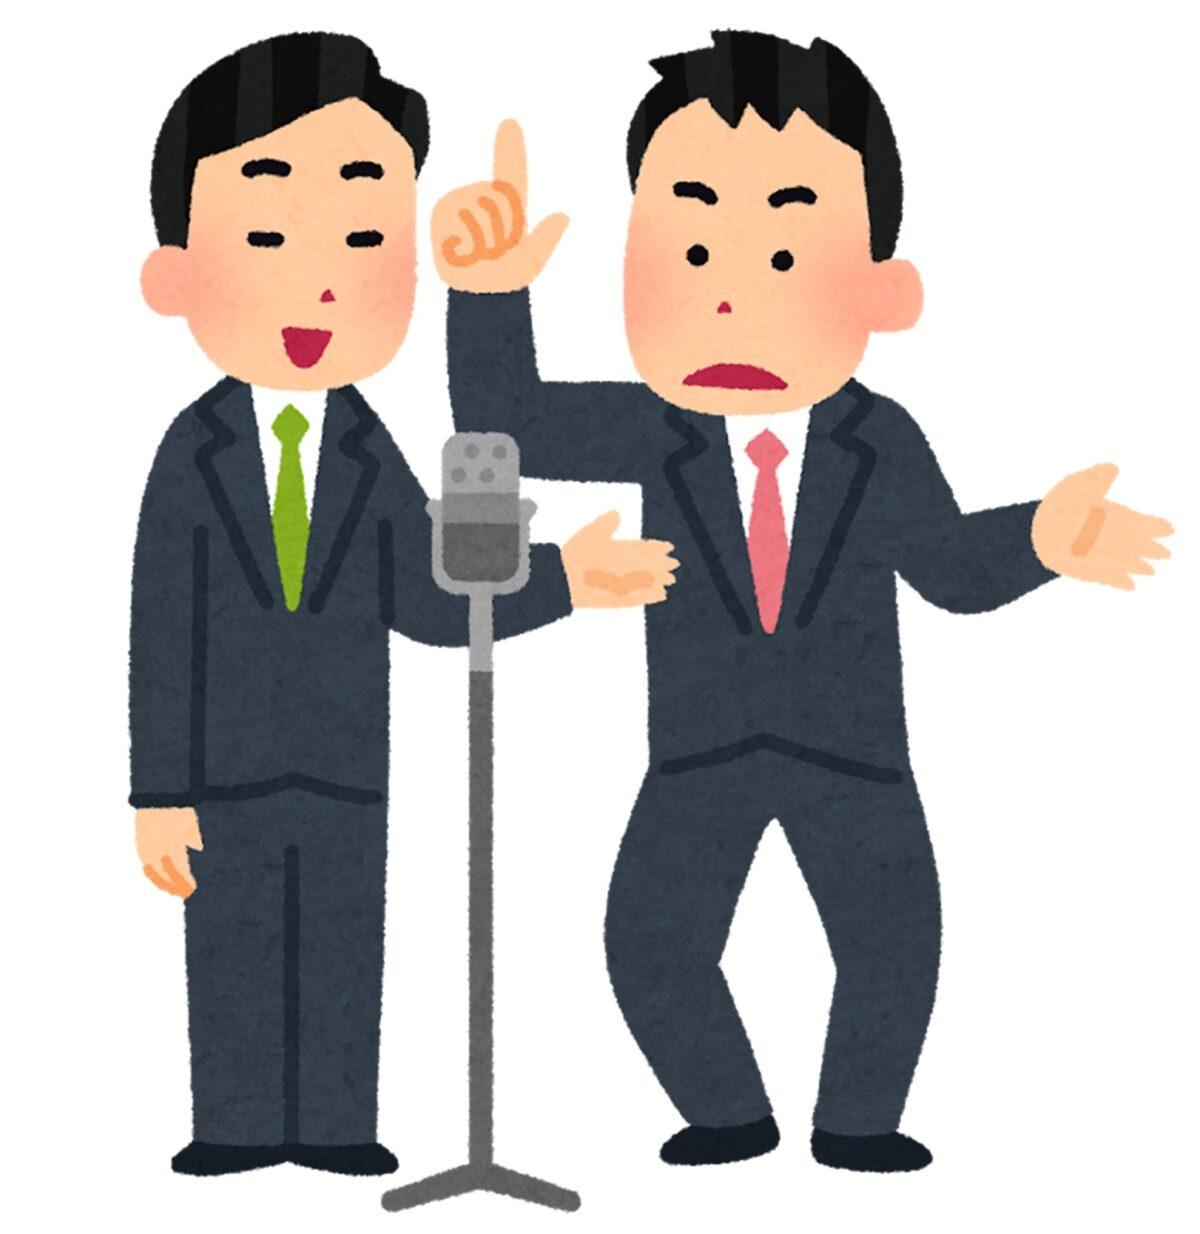 【2021.8/5(木)開催予定】堺区・お笑いのワークショップ☆夏のおたのしみ講座『笑学ワークショップ』が開催されます!※要申込@人権ふれあいセンター: